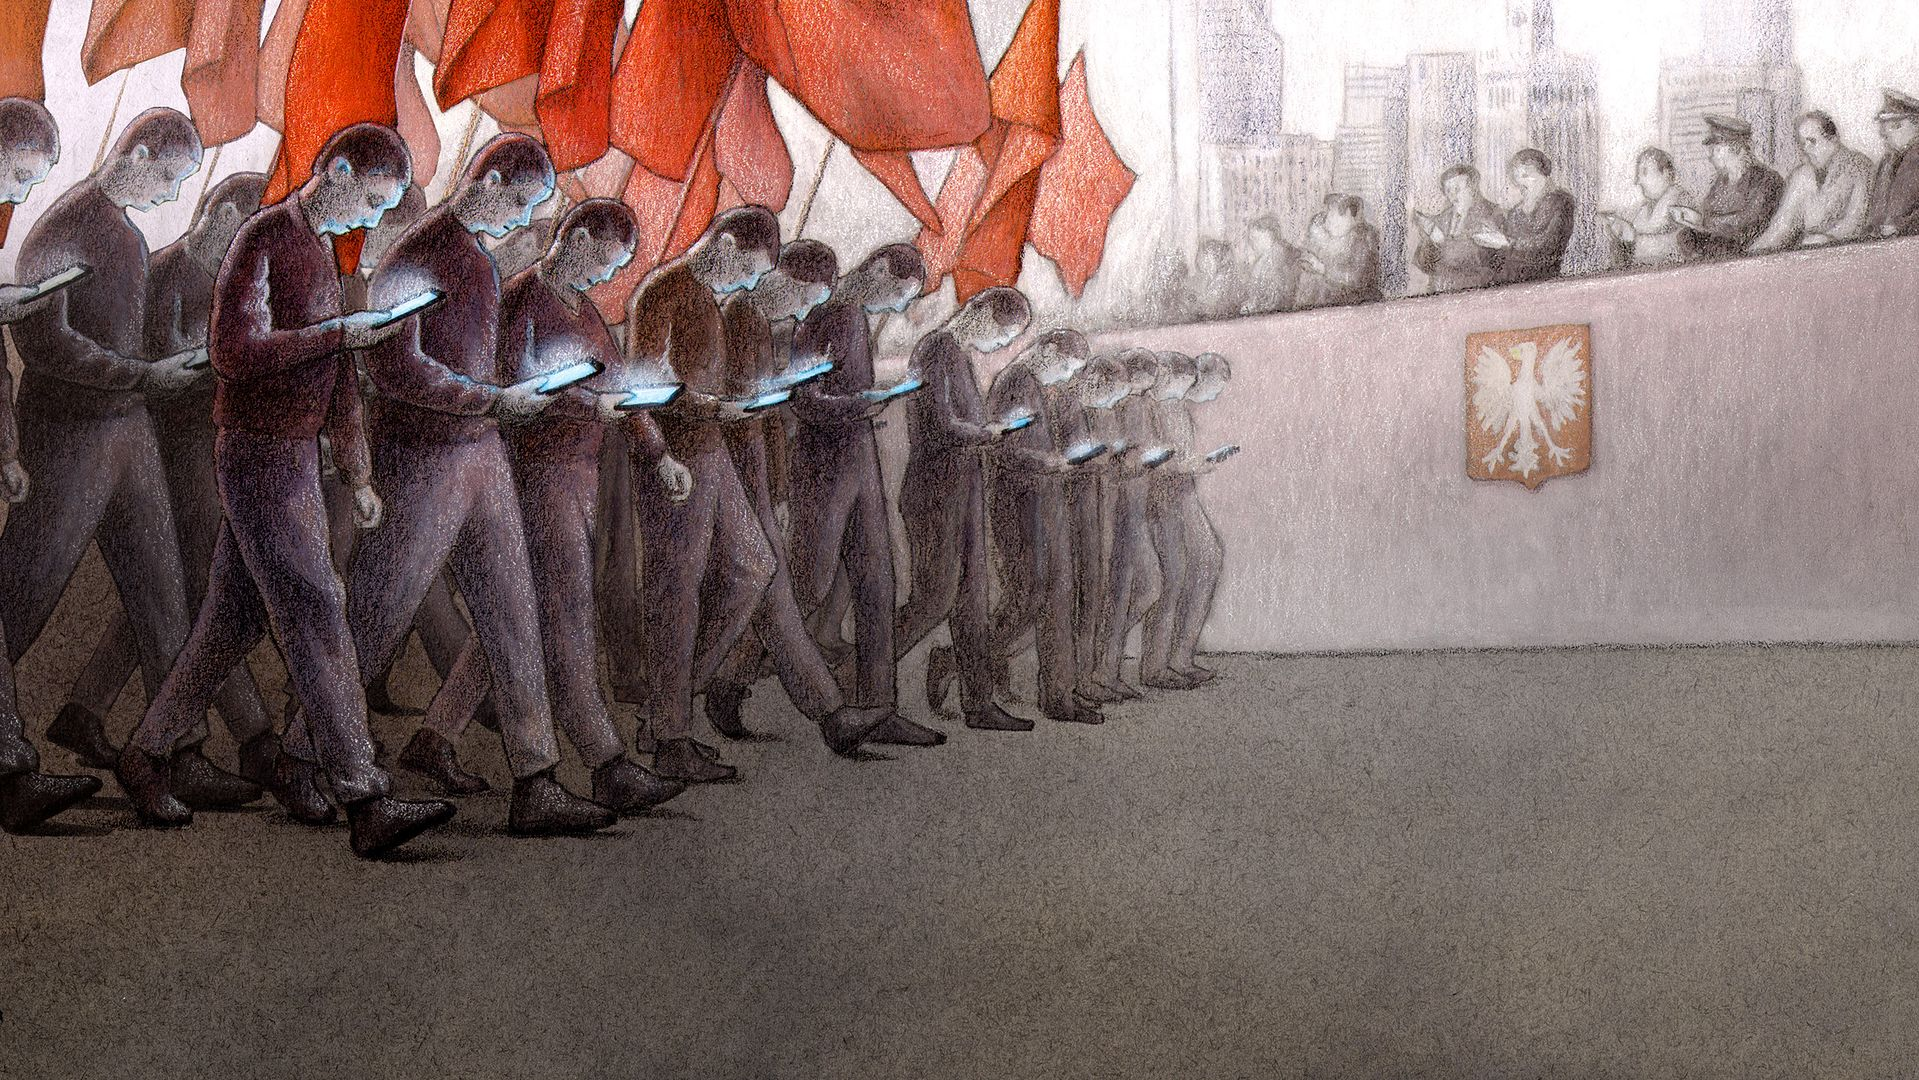 Przepis na koszmar: jeden naród, jedna partia, jeden wódz